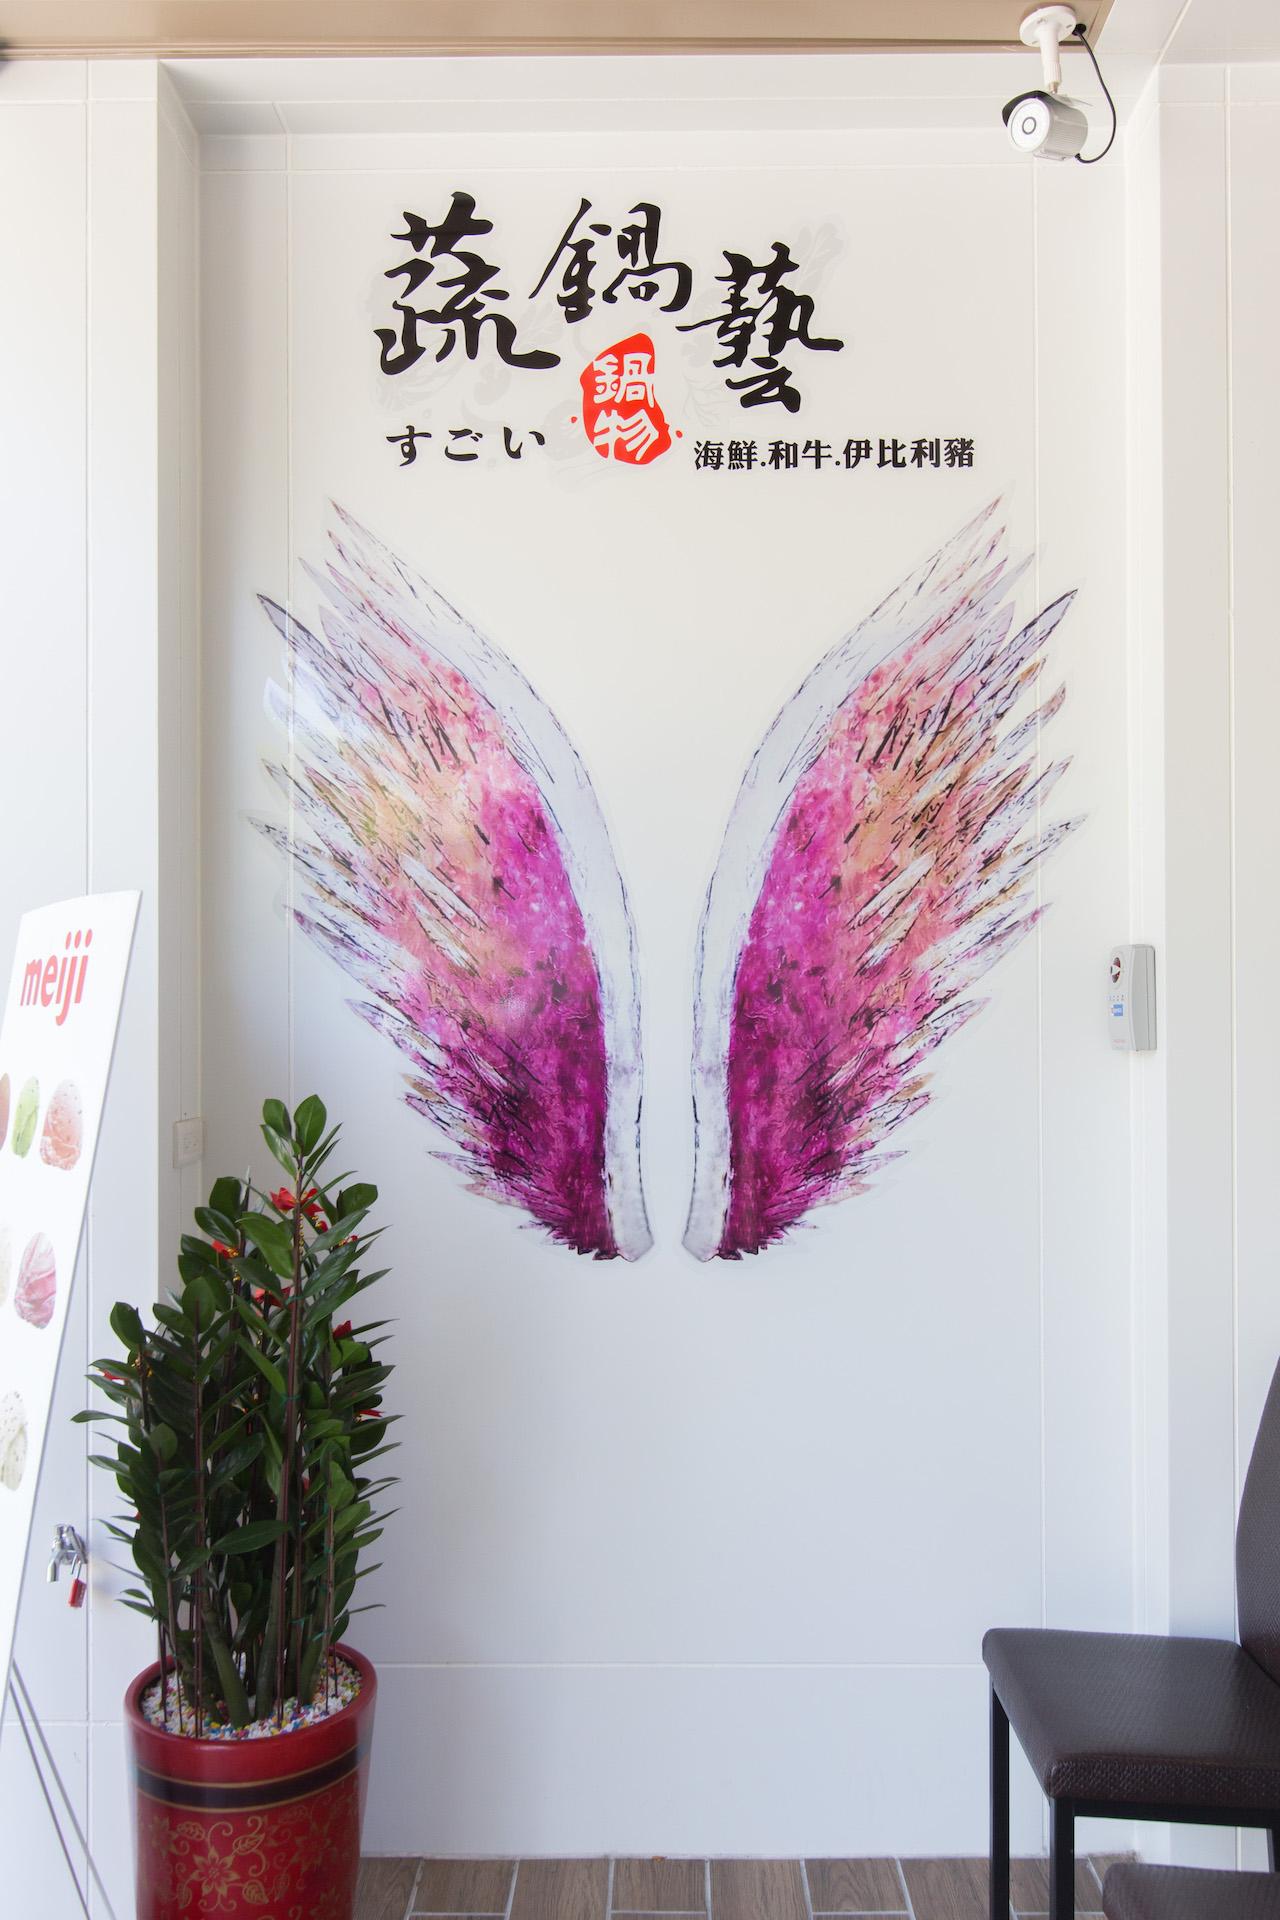 蔬鍋藝 鶯歌店環境實景